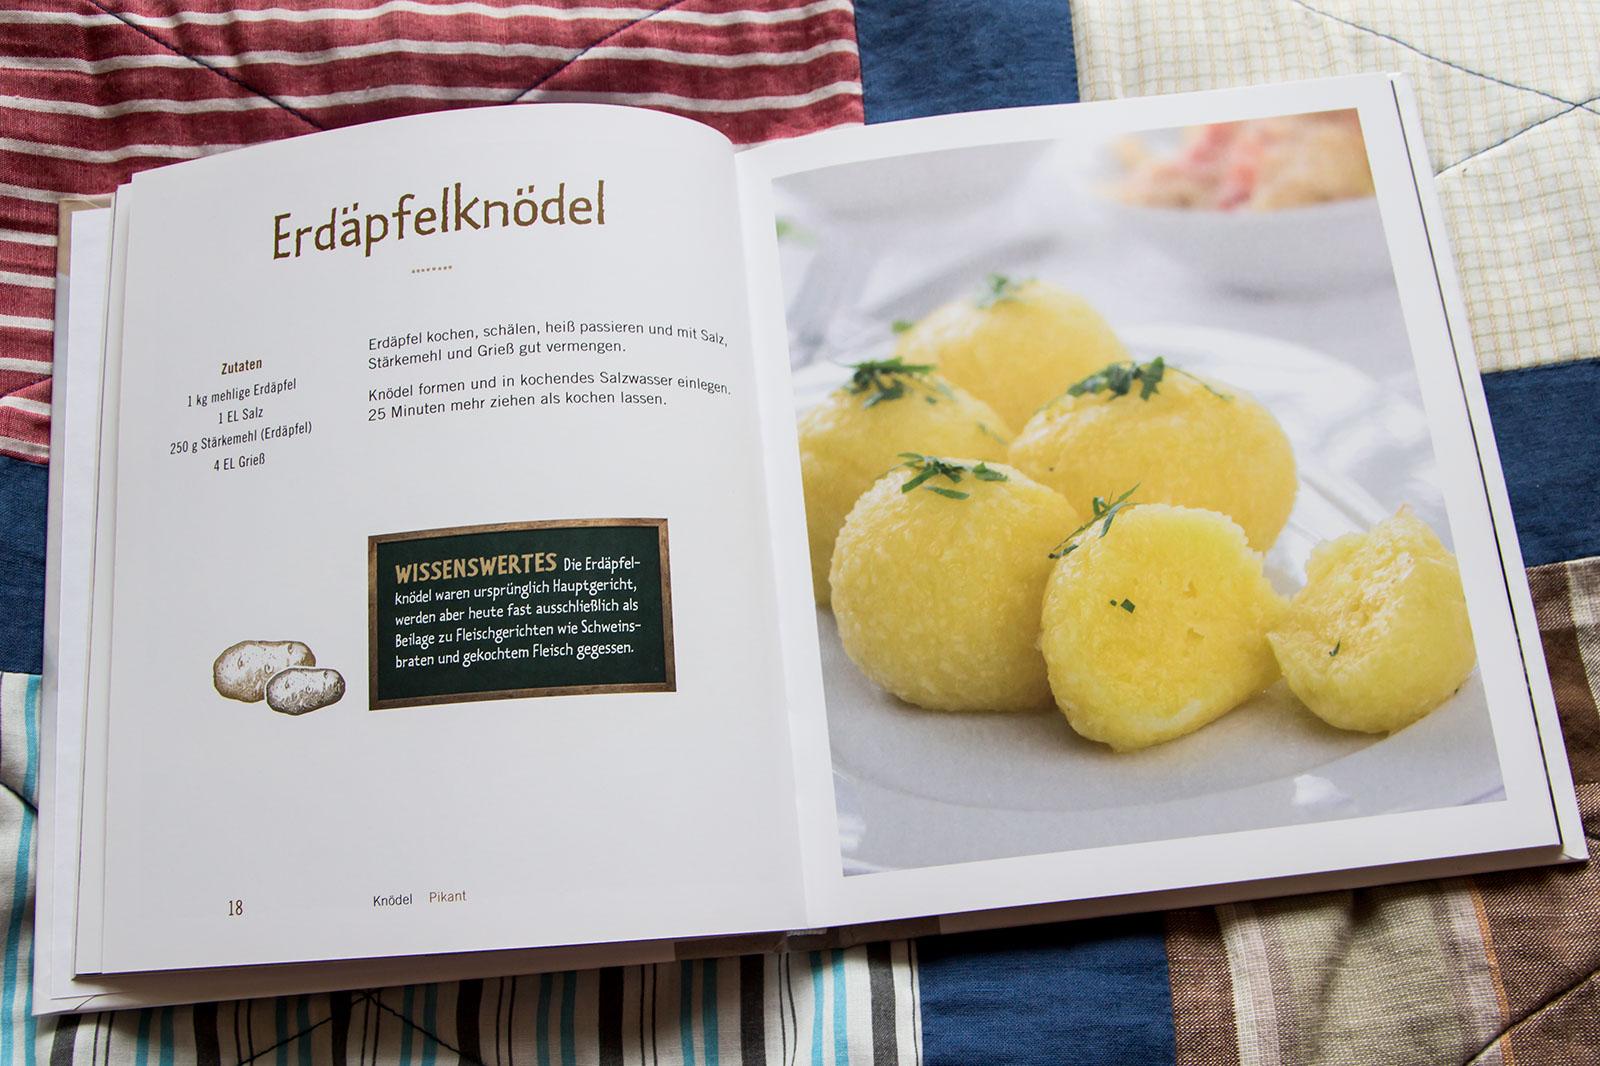 Kartoffelknödel - muss ich unbedingt mal probieren